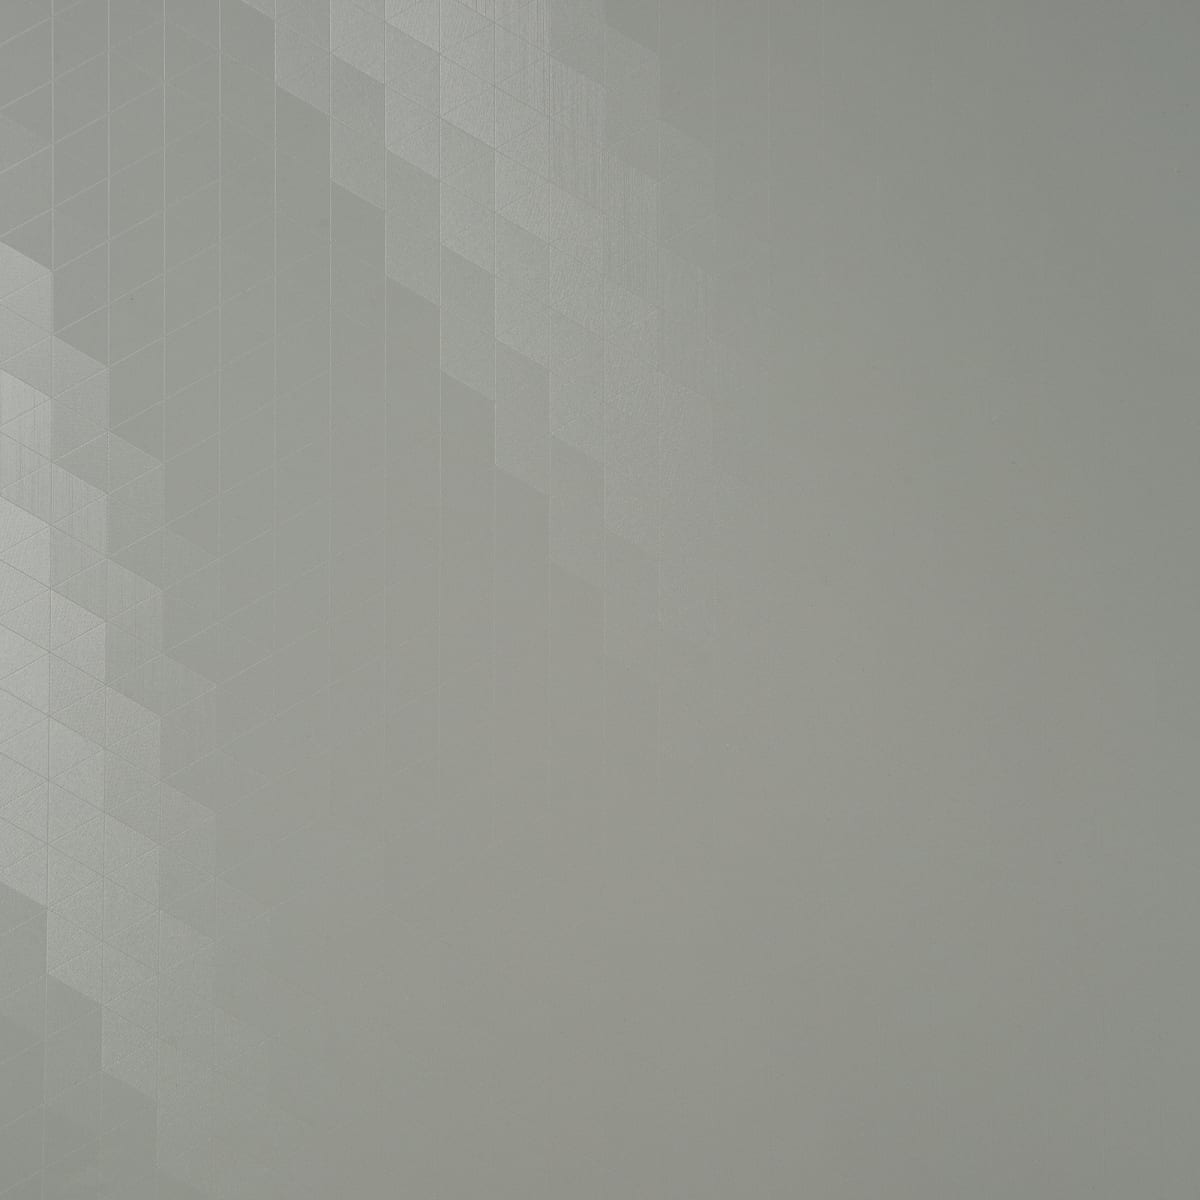 Стеновая панель «Миракл», 240х60х0.5 см, МДФ, цвет серый